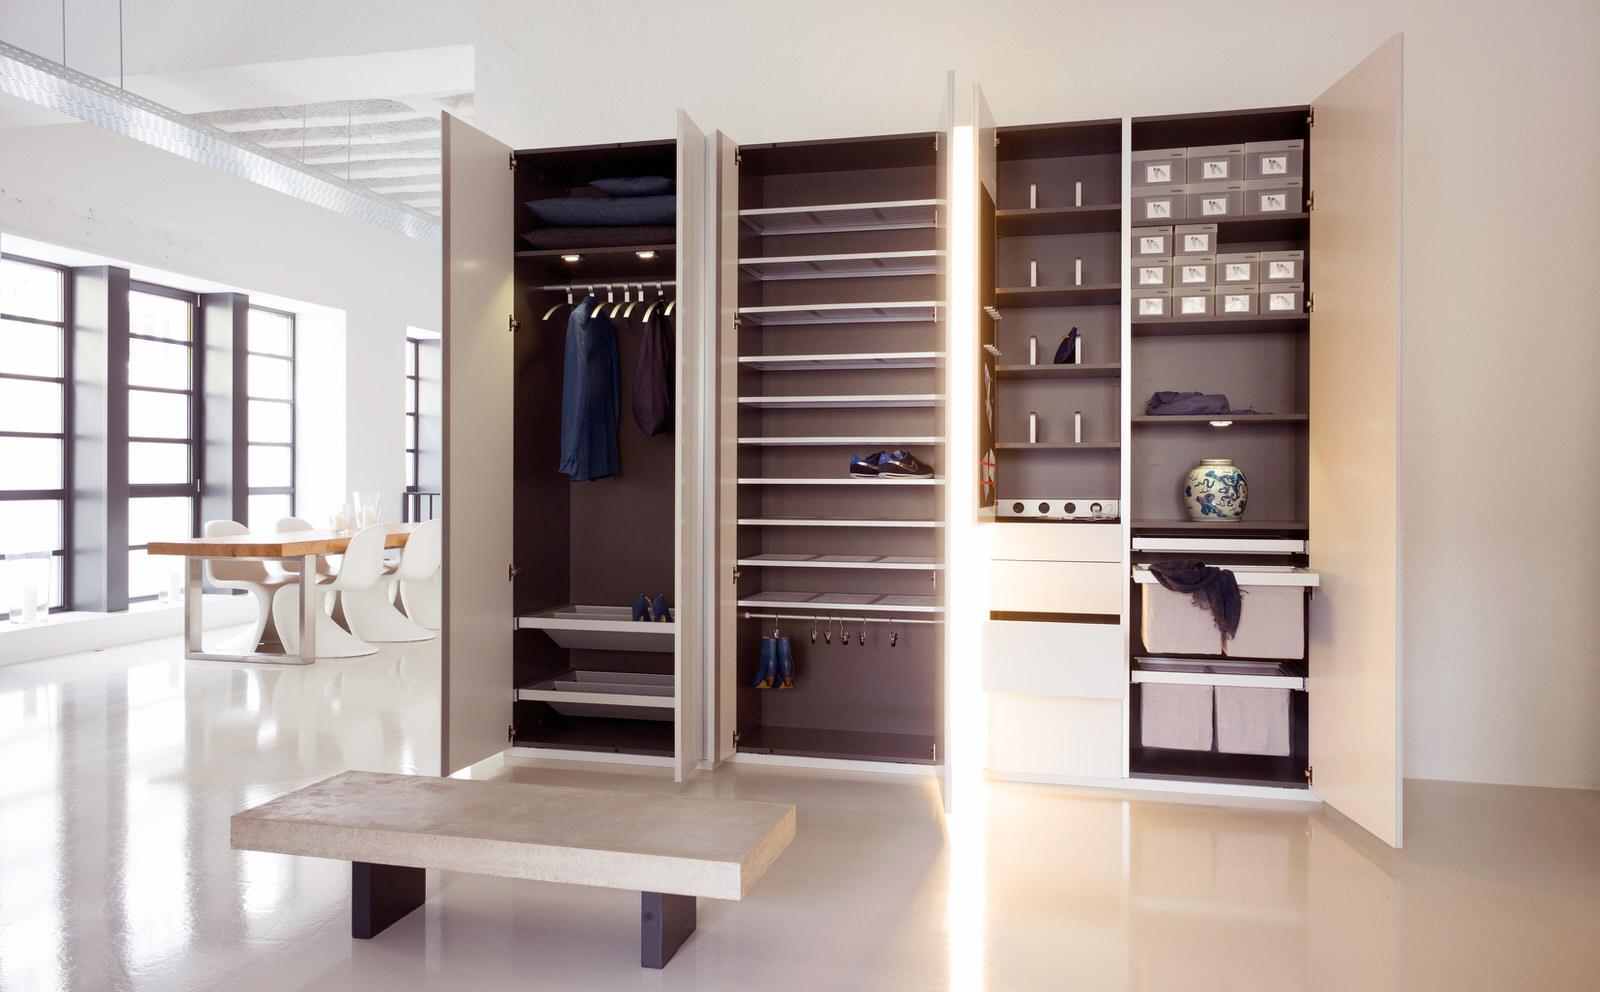 Garderobekasten entree ploemen interieur en design